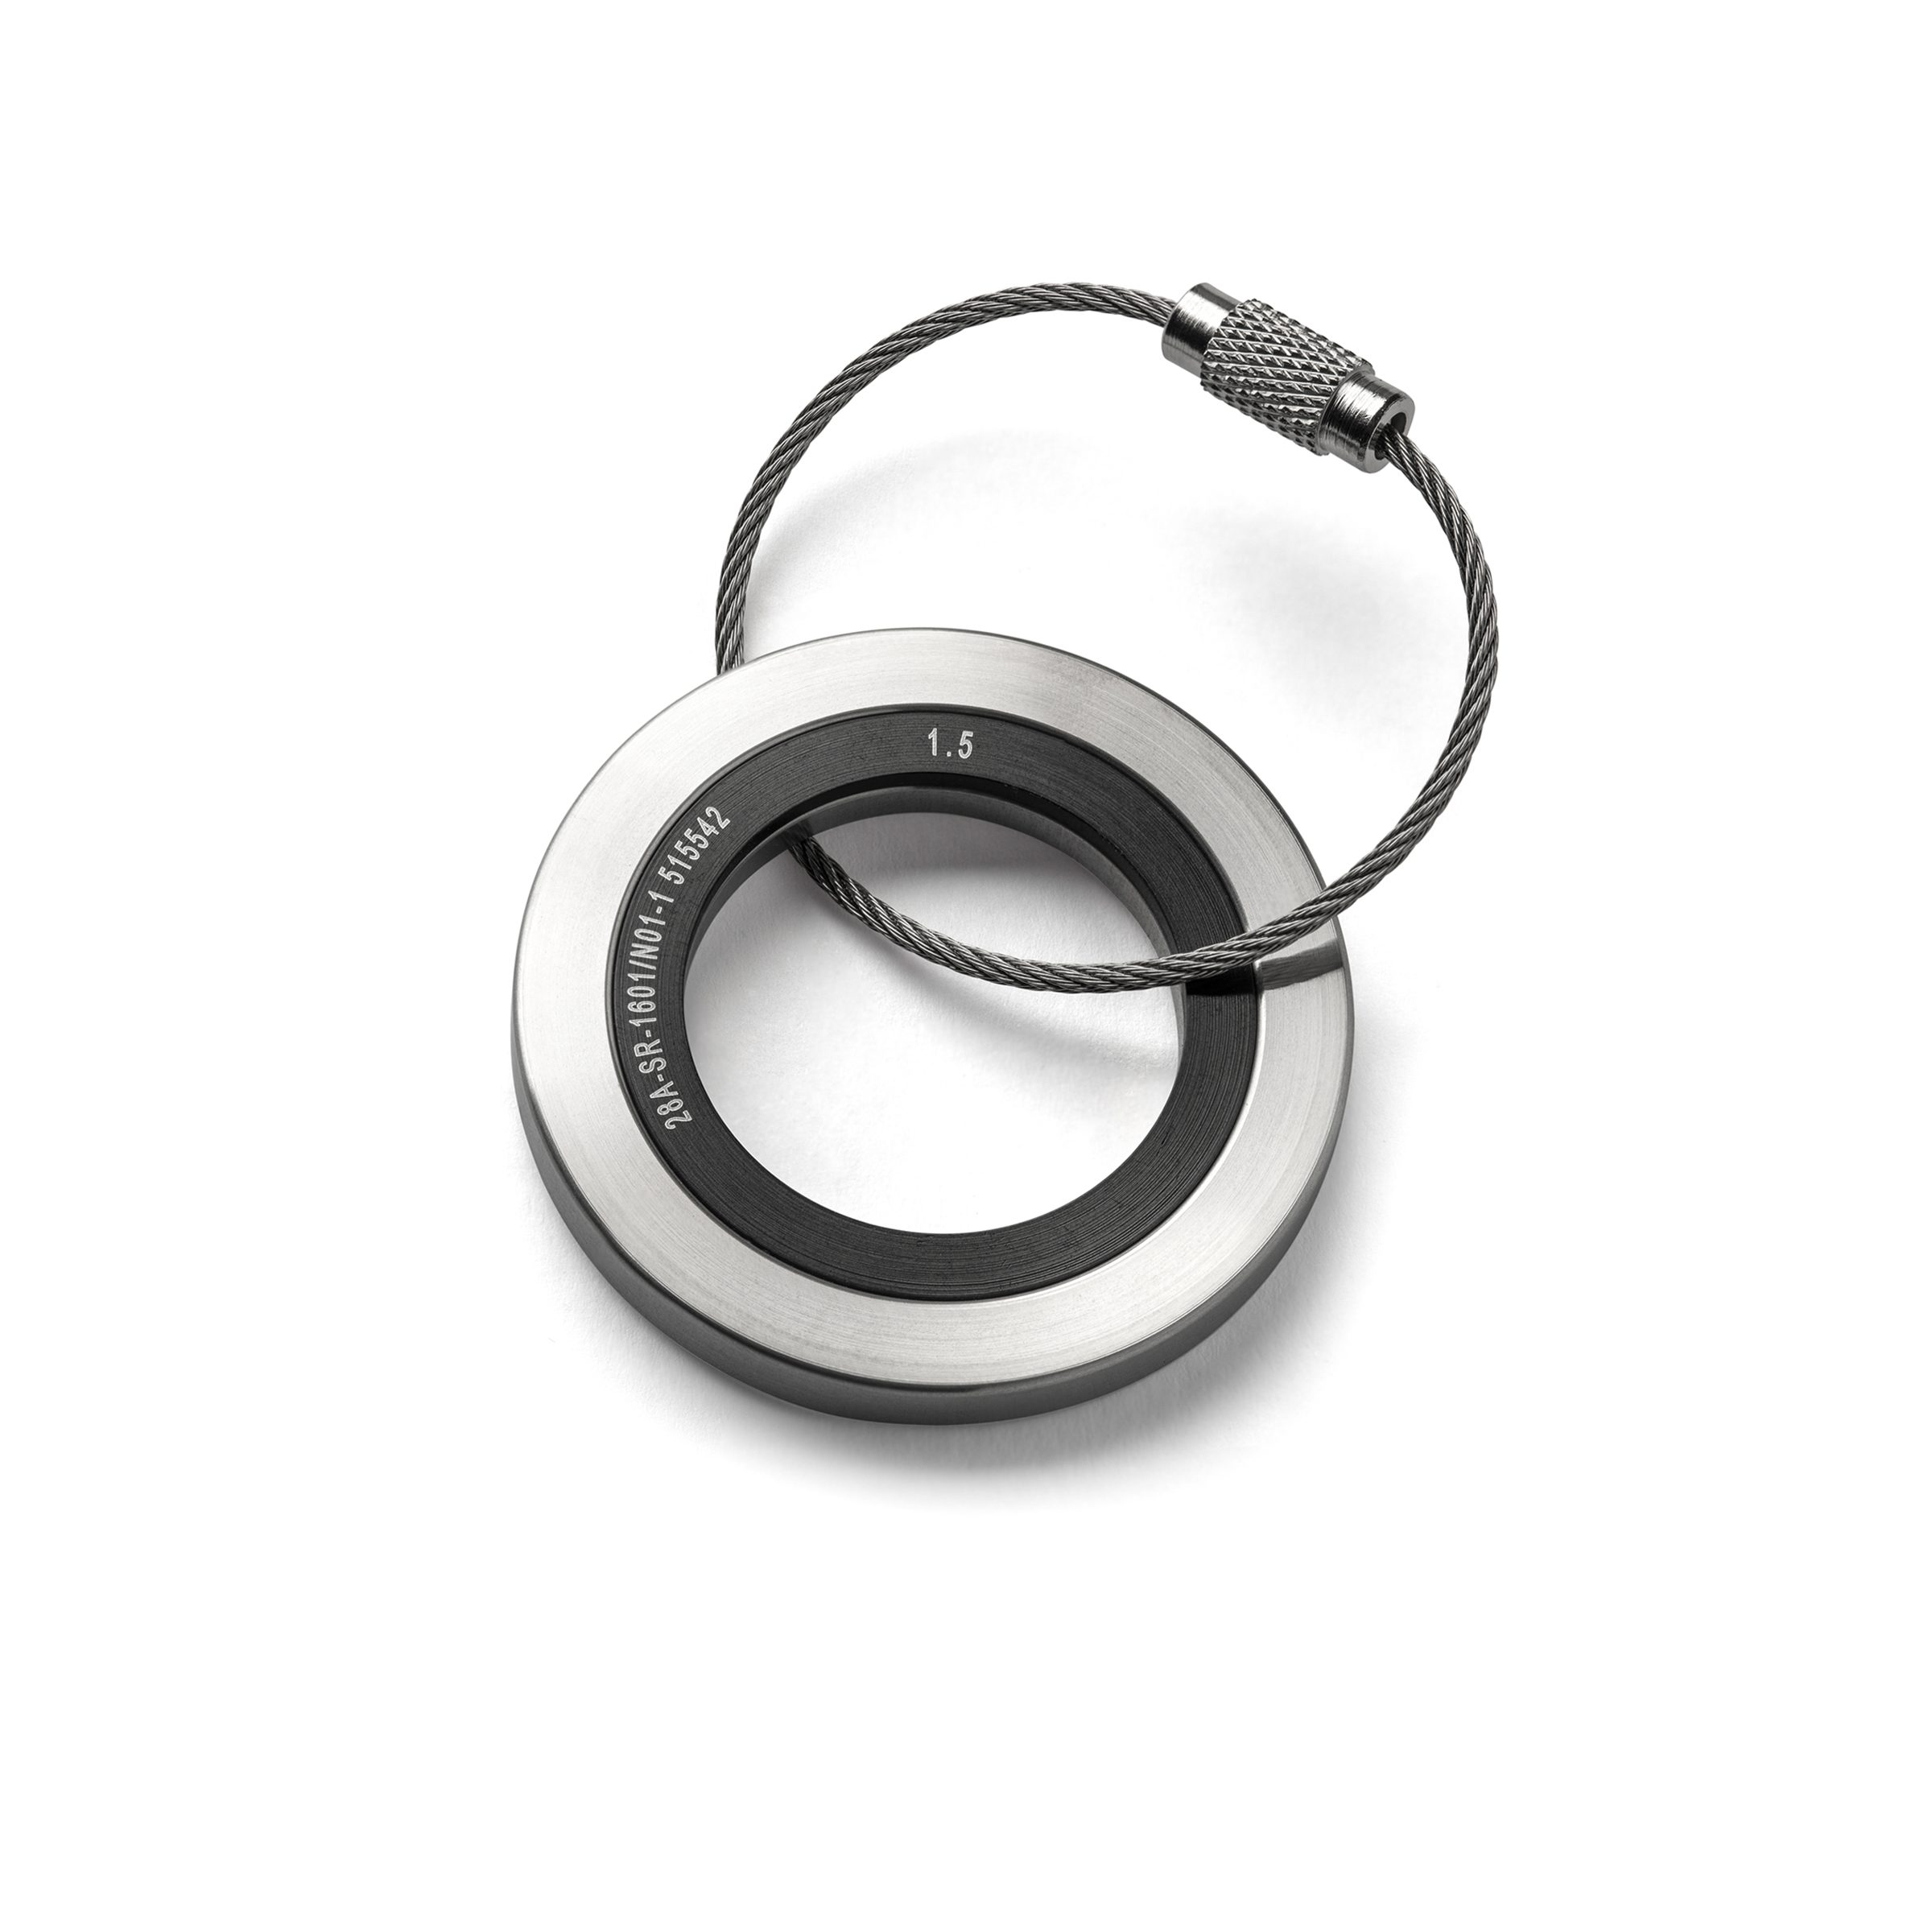 Steel-keyring_McLaren-Keyring_Alice-made-this_1.5.jpg